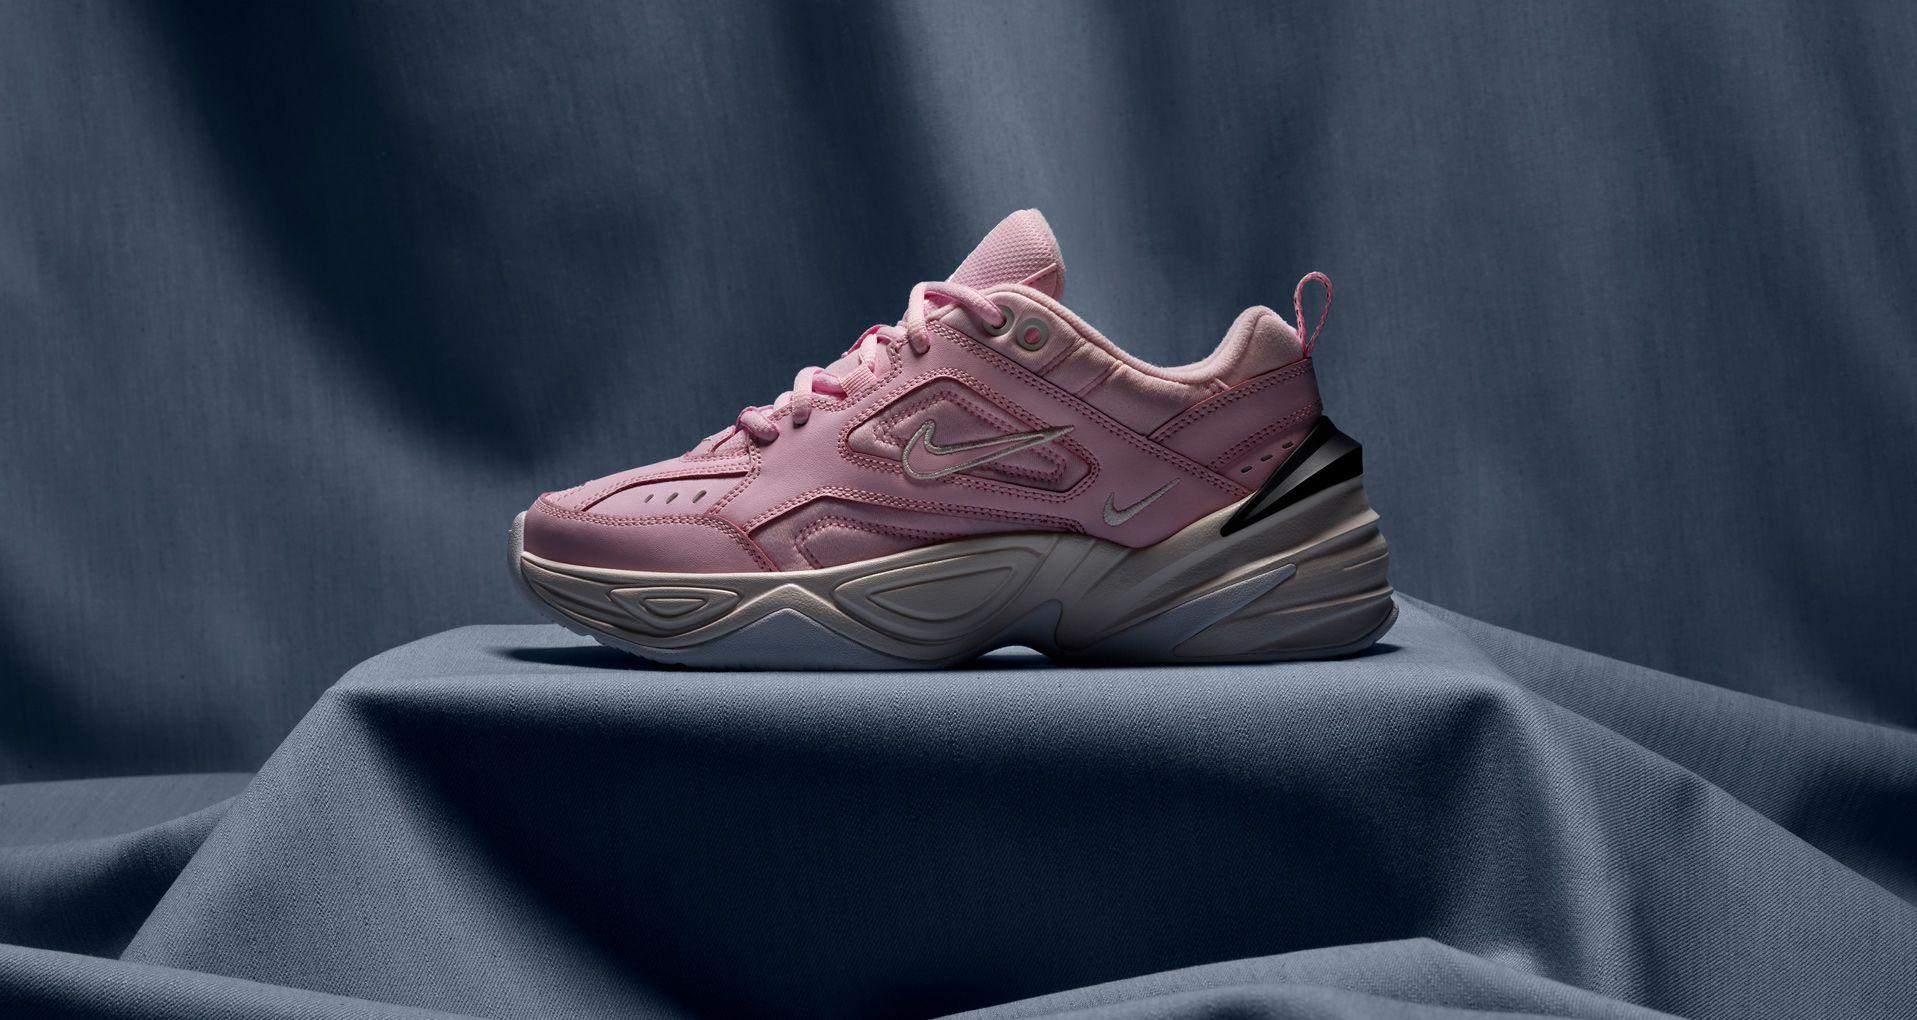 Nike Women's M2K Tekno 'Pink Foam & Phantom' Release Date ...